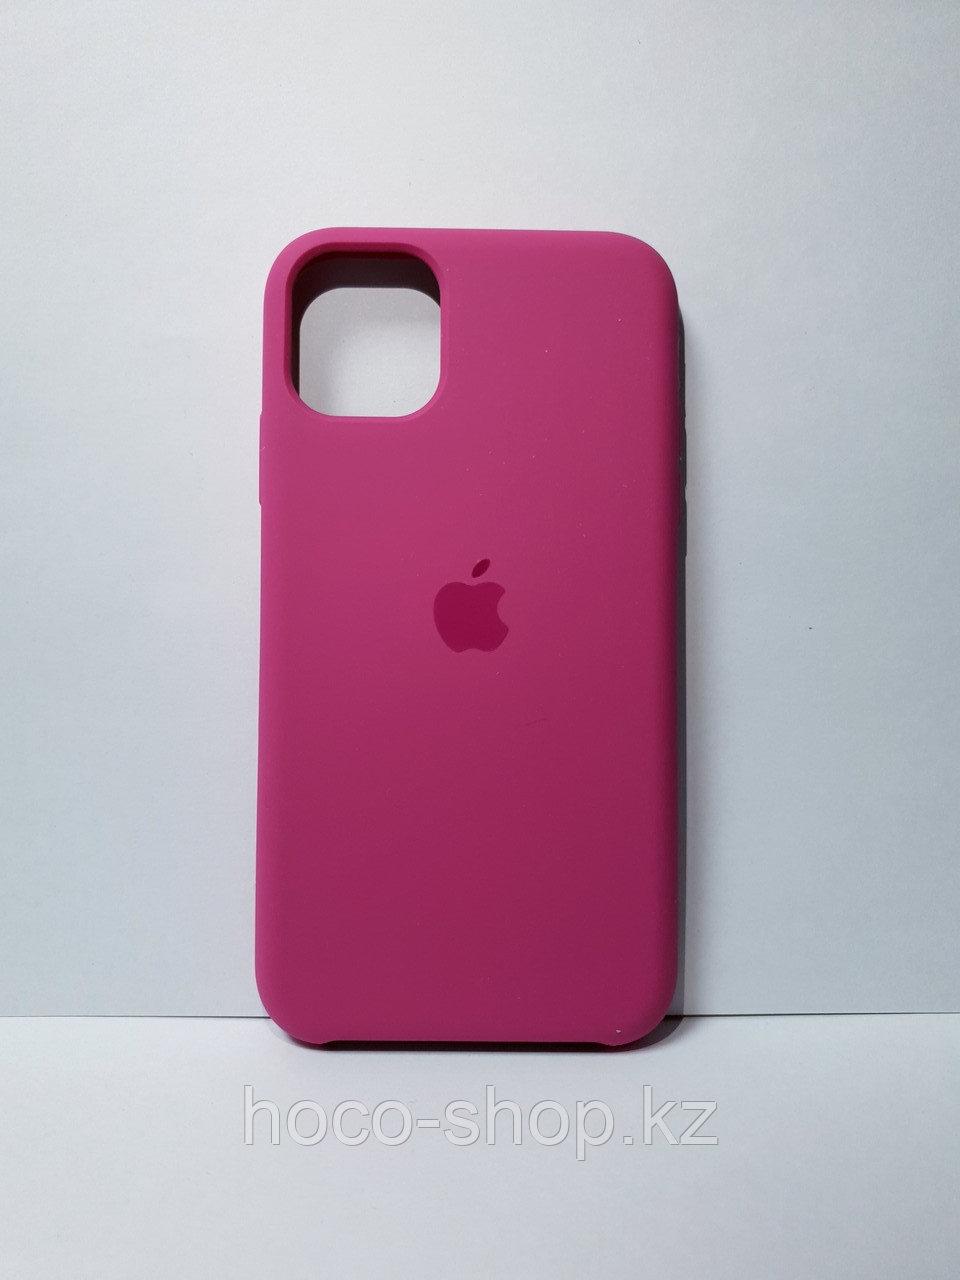 Защитный чехол для iPhone 11 Soft Touch силиконовый, темно-розовый